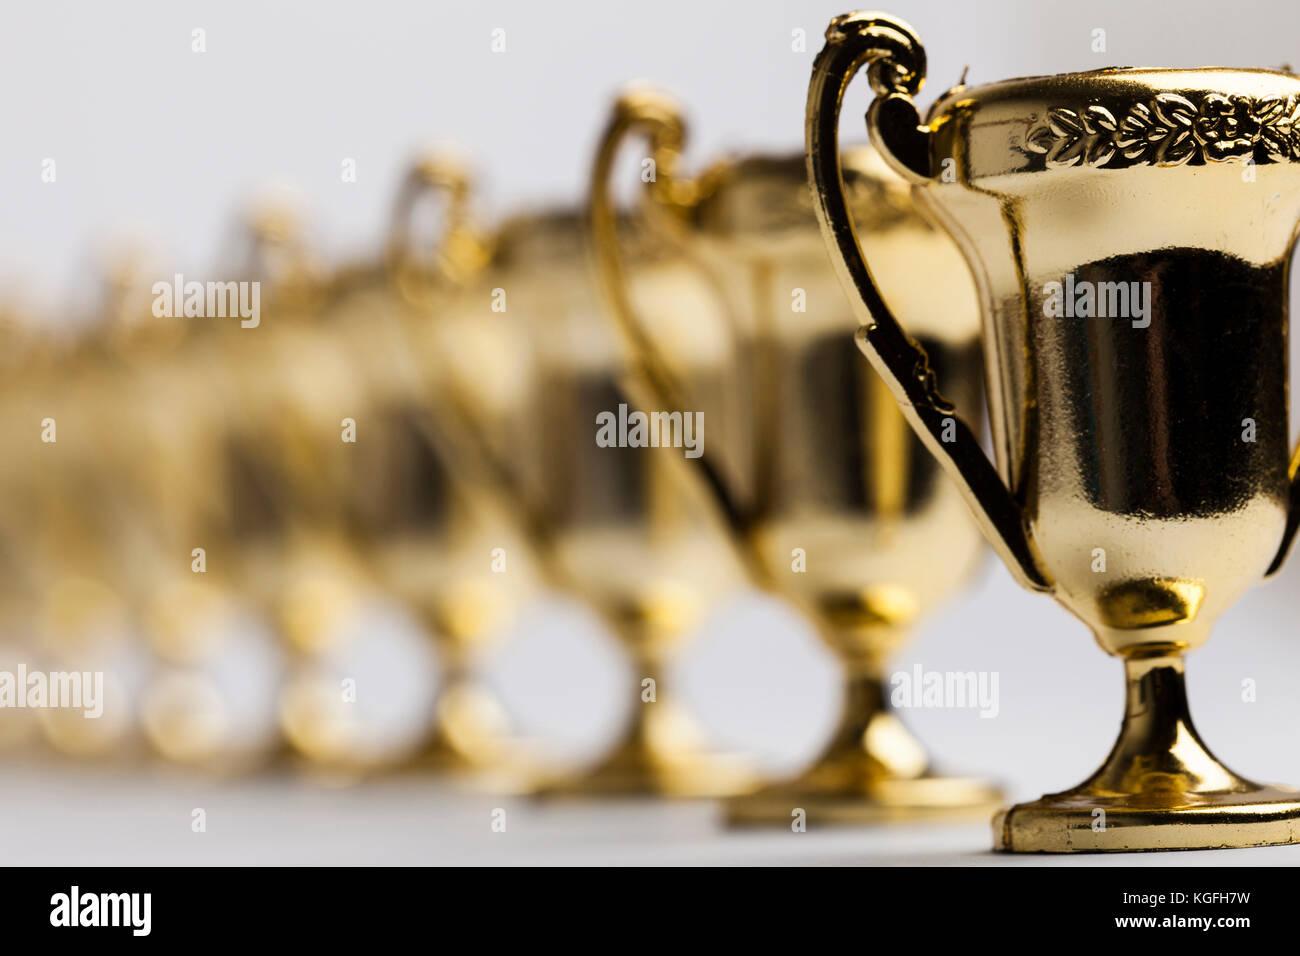 Gold Gewinner Verwirklichung Trophäe Hintergrund Stockbild